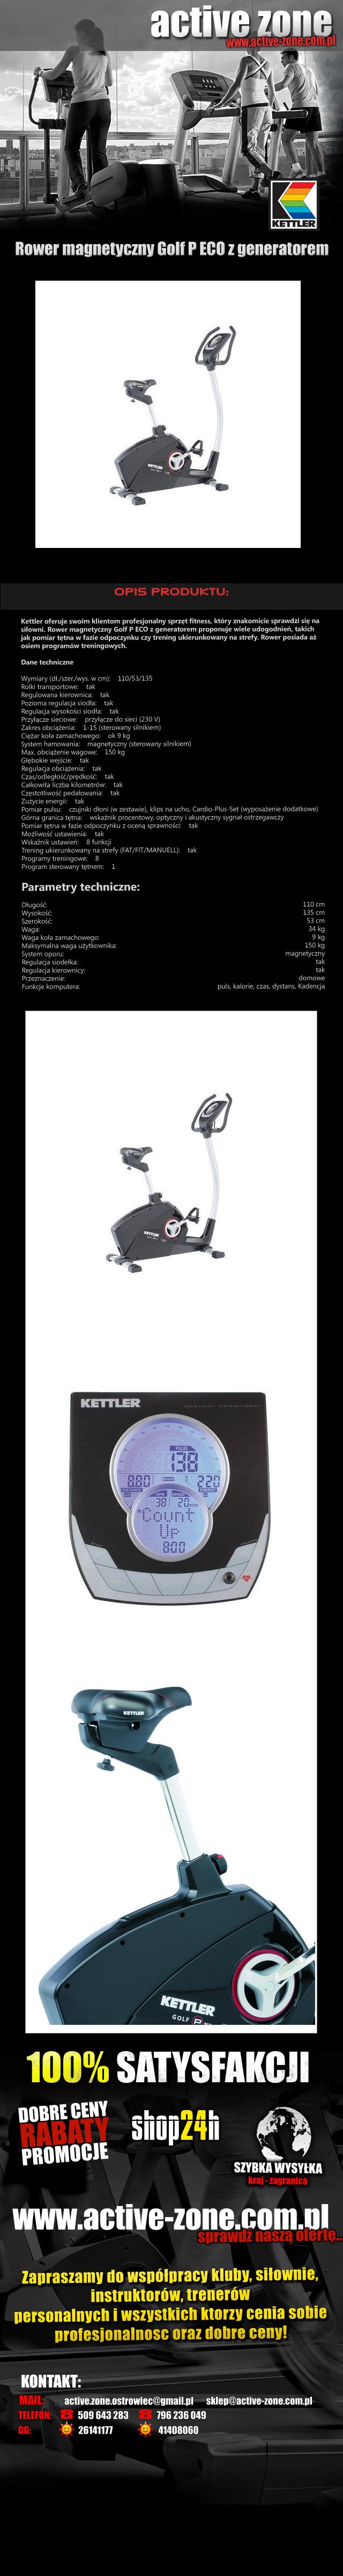 Rower magnetyczny Golf P ECO z generatorem - Kettler